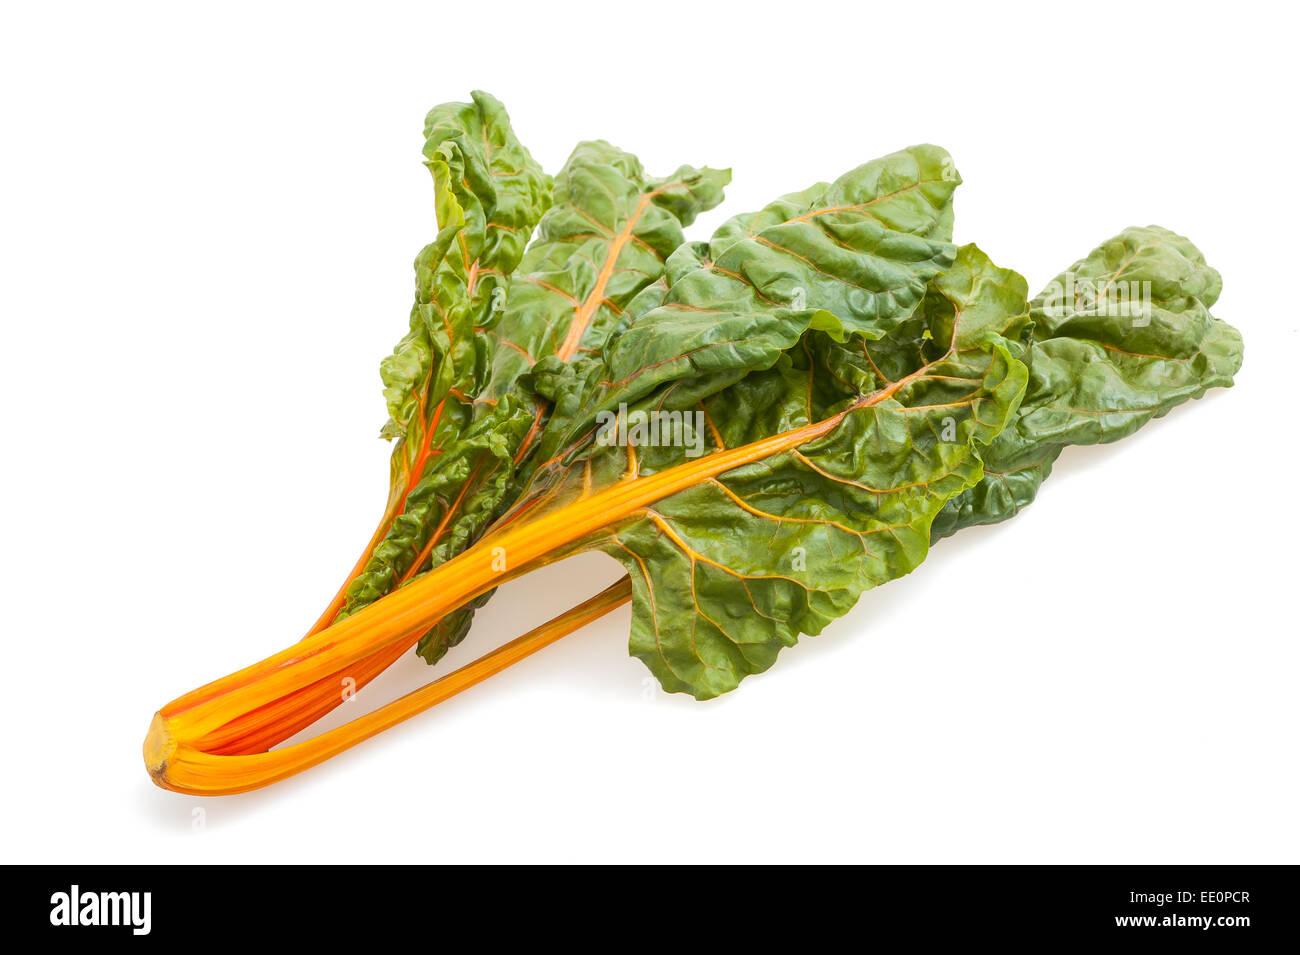 Fresh swiss chard isolated on white background - Stock Image